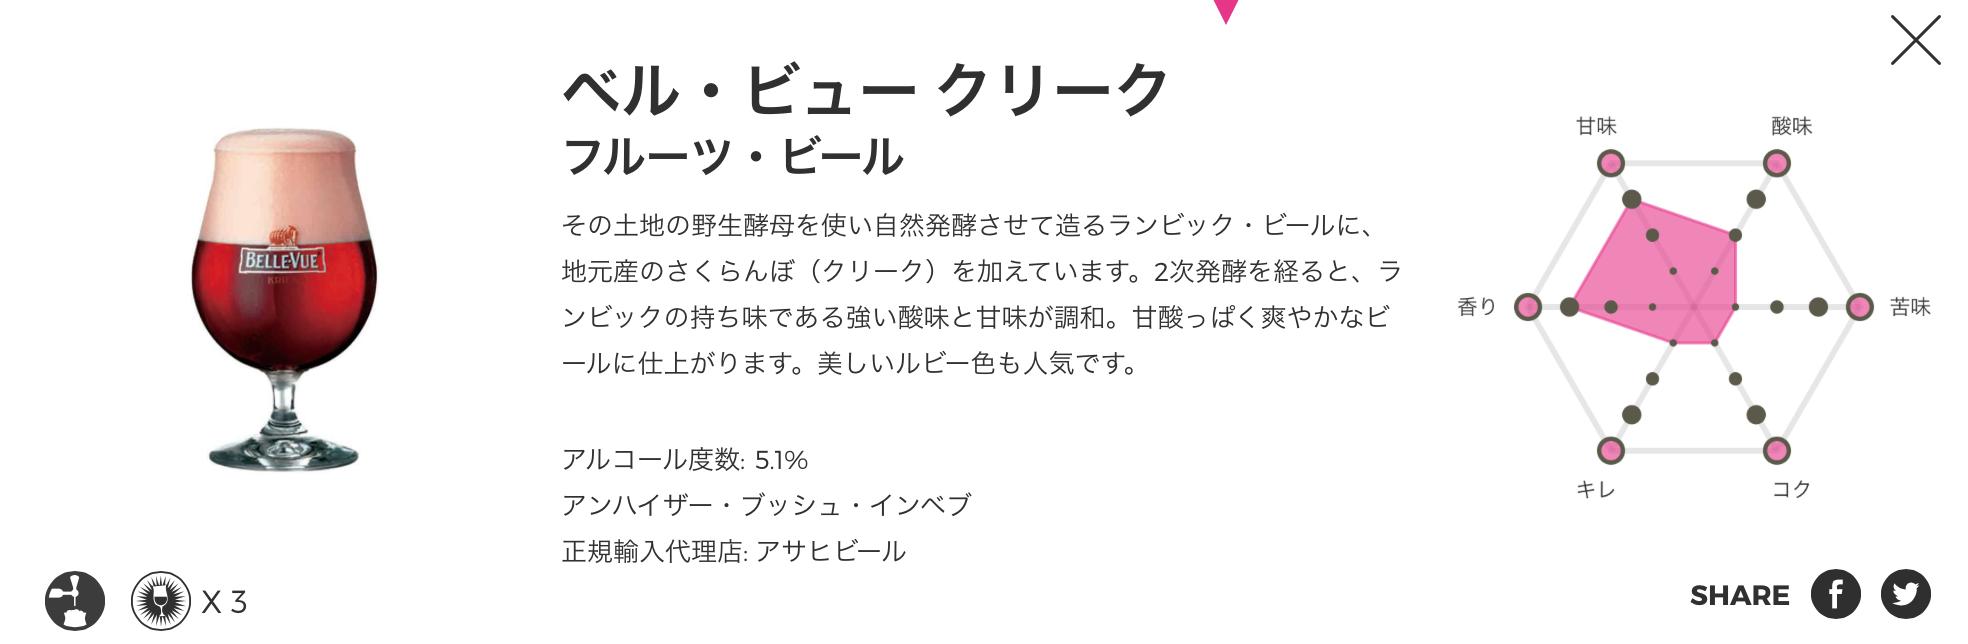 スクリーンショット 2015-05-10 10.46.30